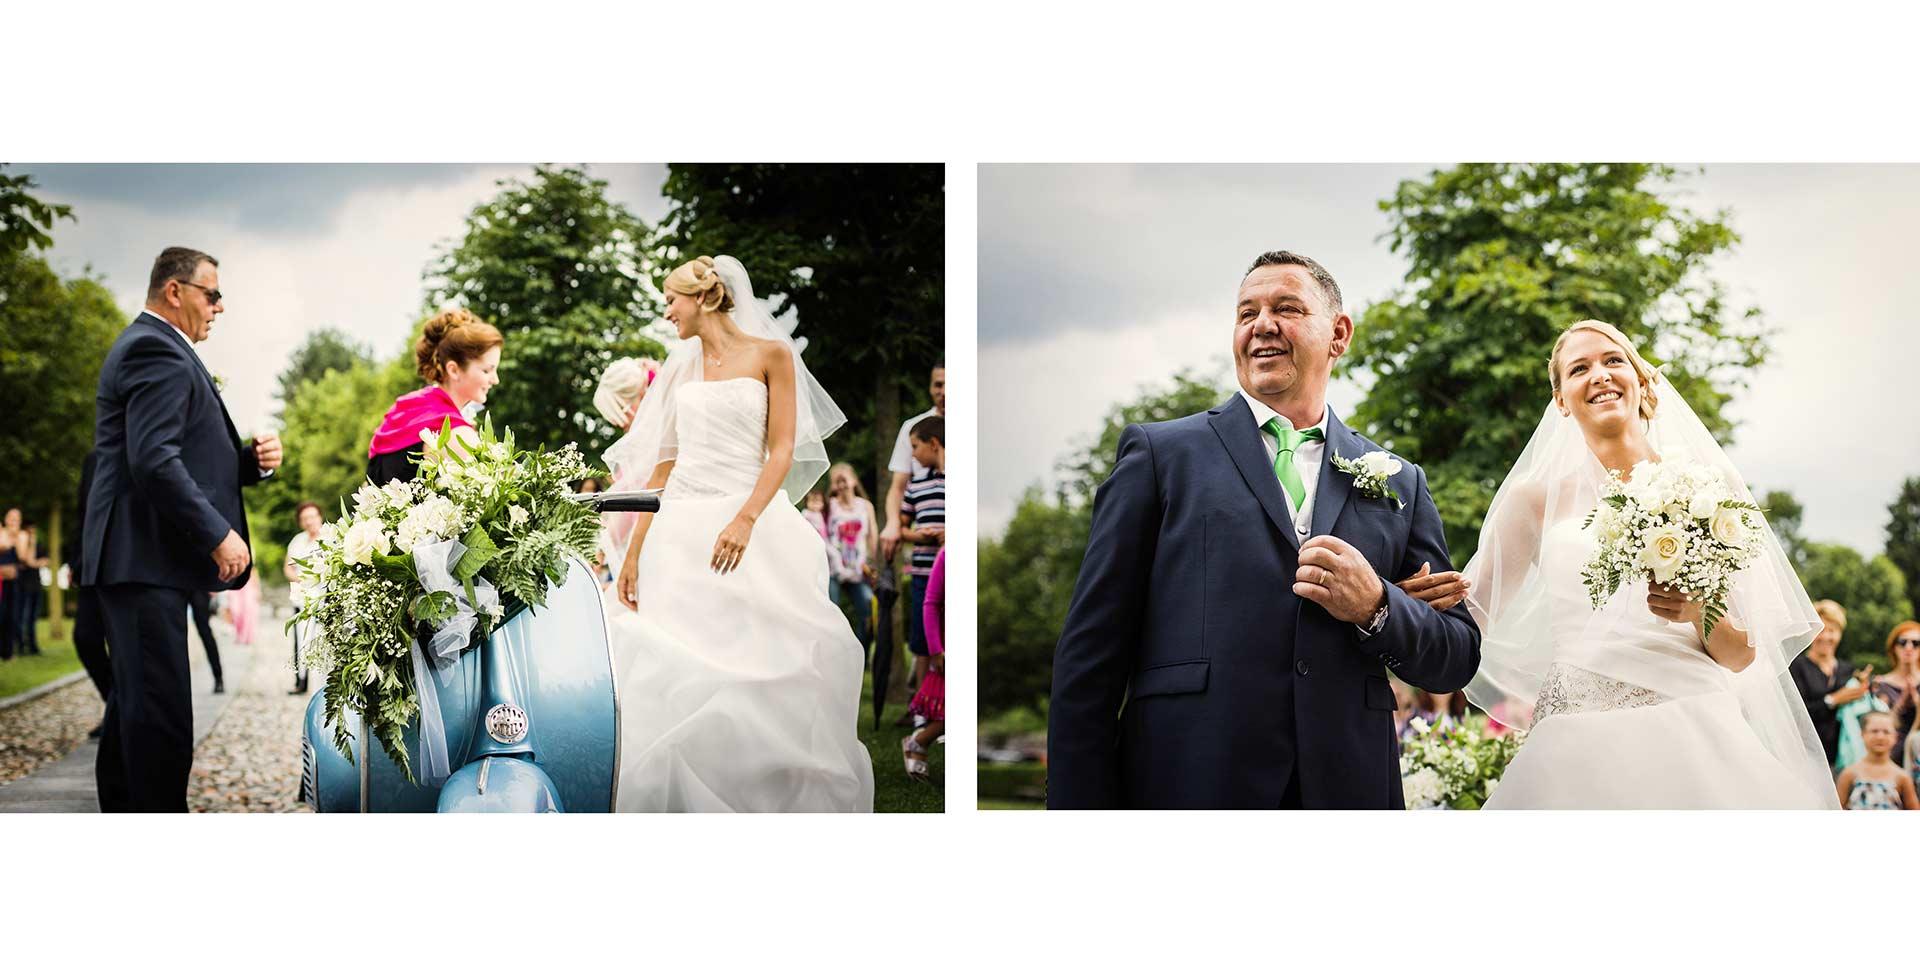 Ritratto della sposa e del papà prima di entrare in chiesa